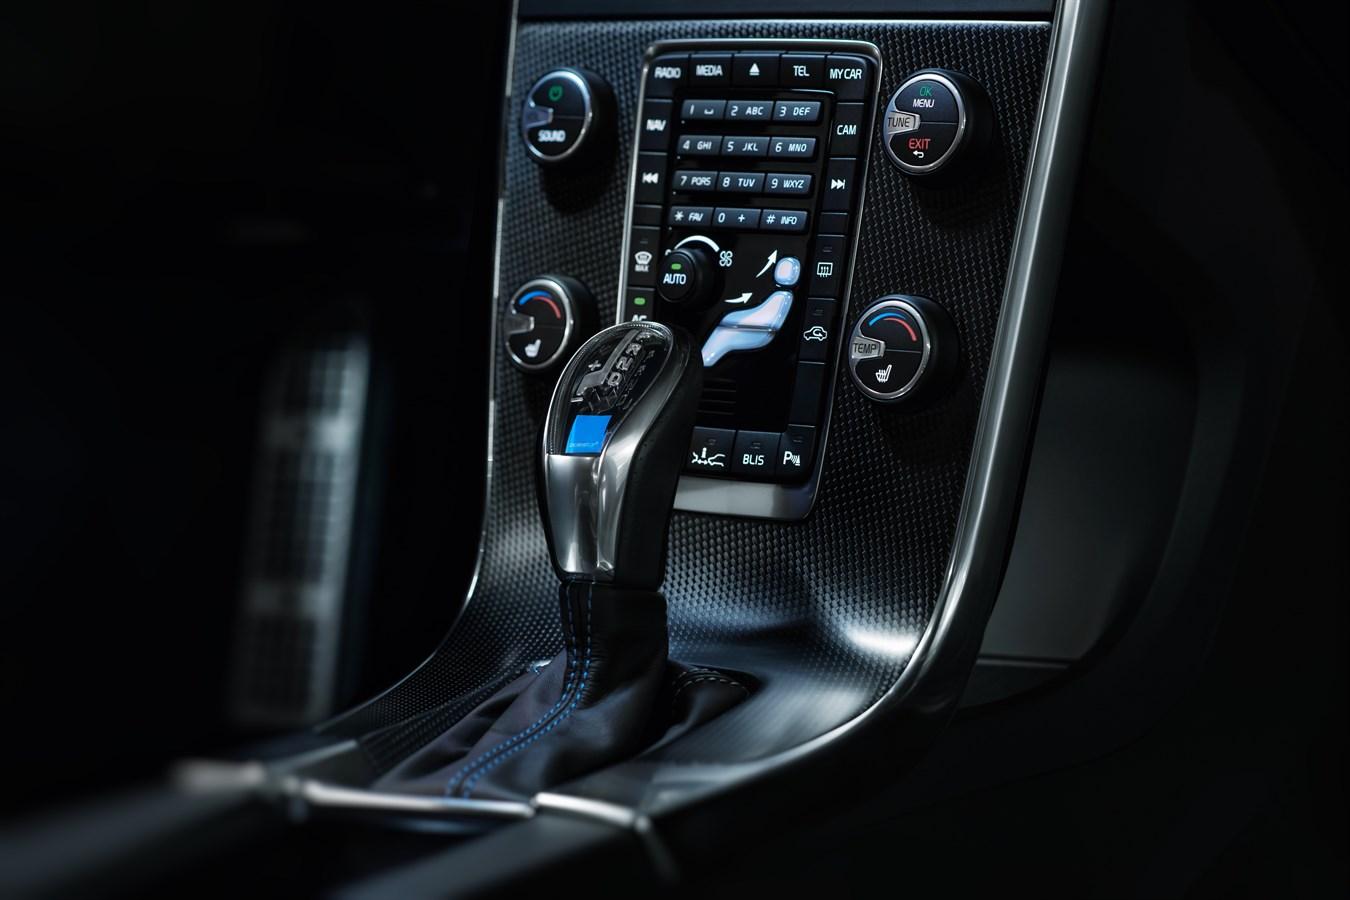 Volvo S60 and V60 Polestar interior - Volvo Cars of Canada Media ...